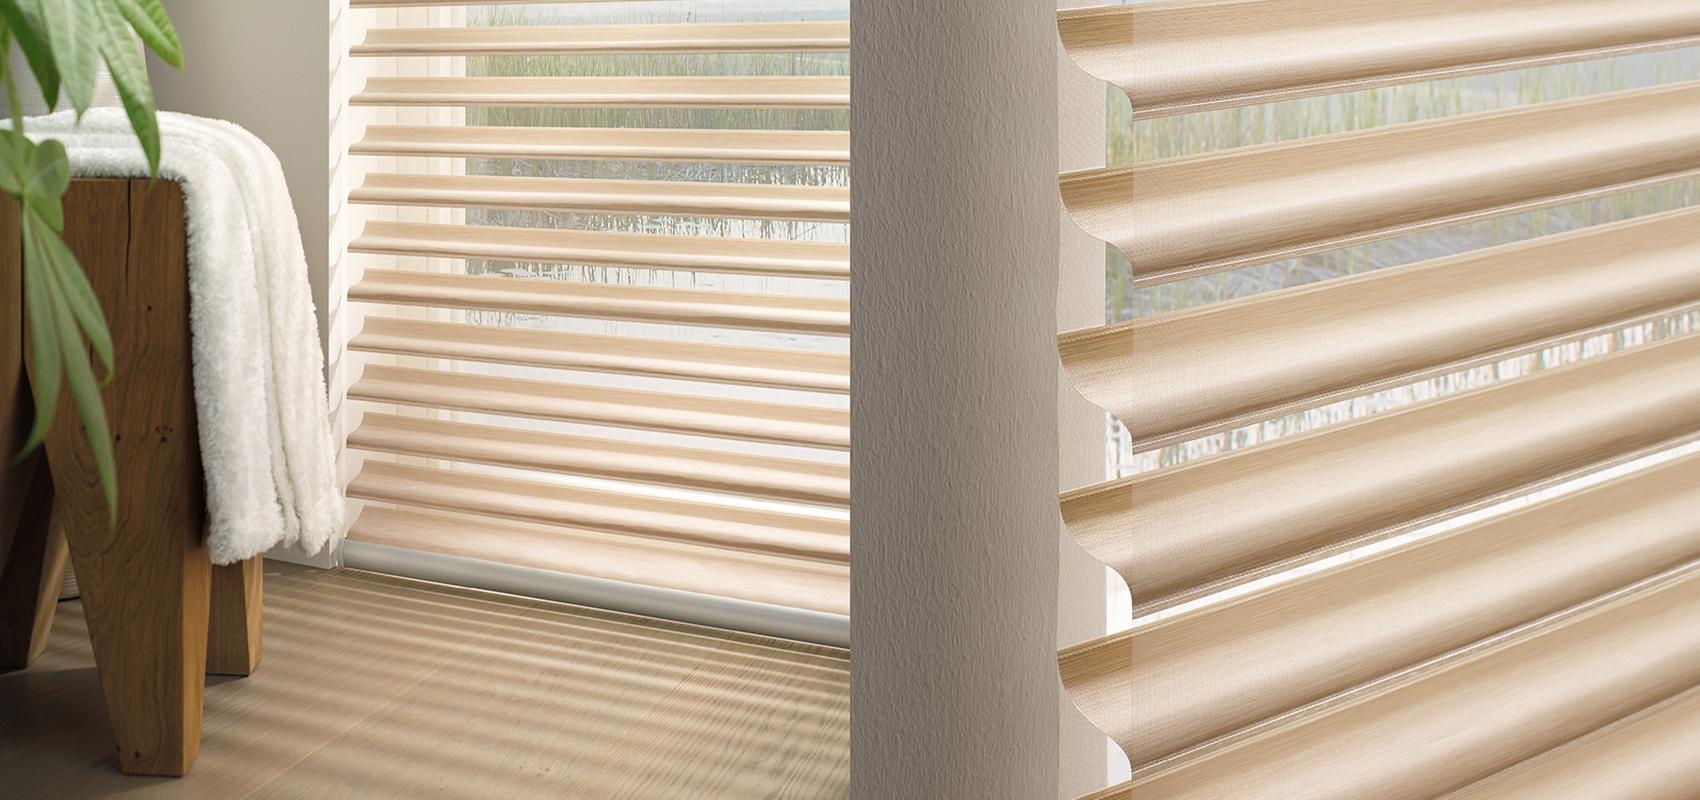 Sonnenschutz und Blendschutz für Fenster und Gebäude